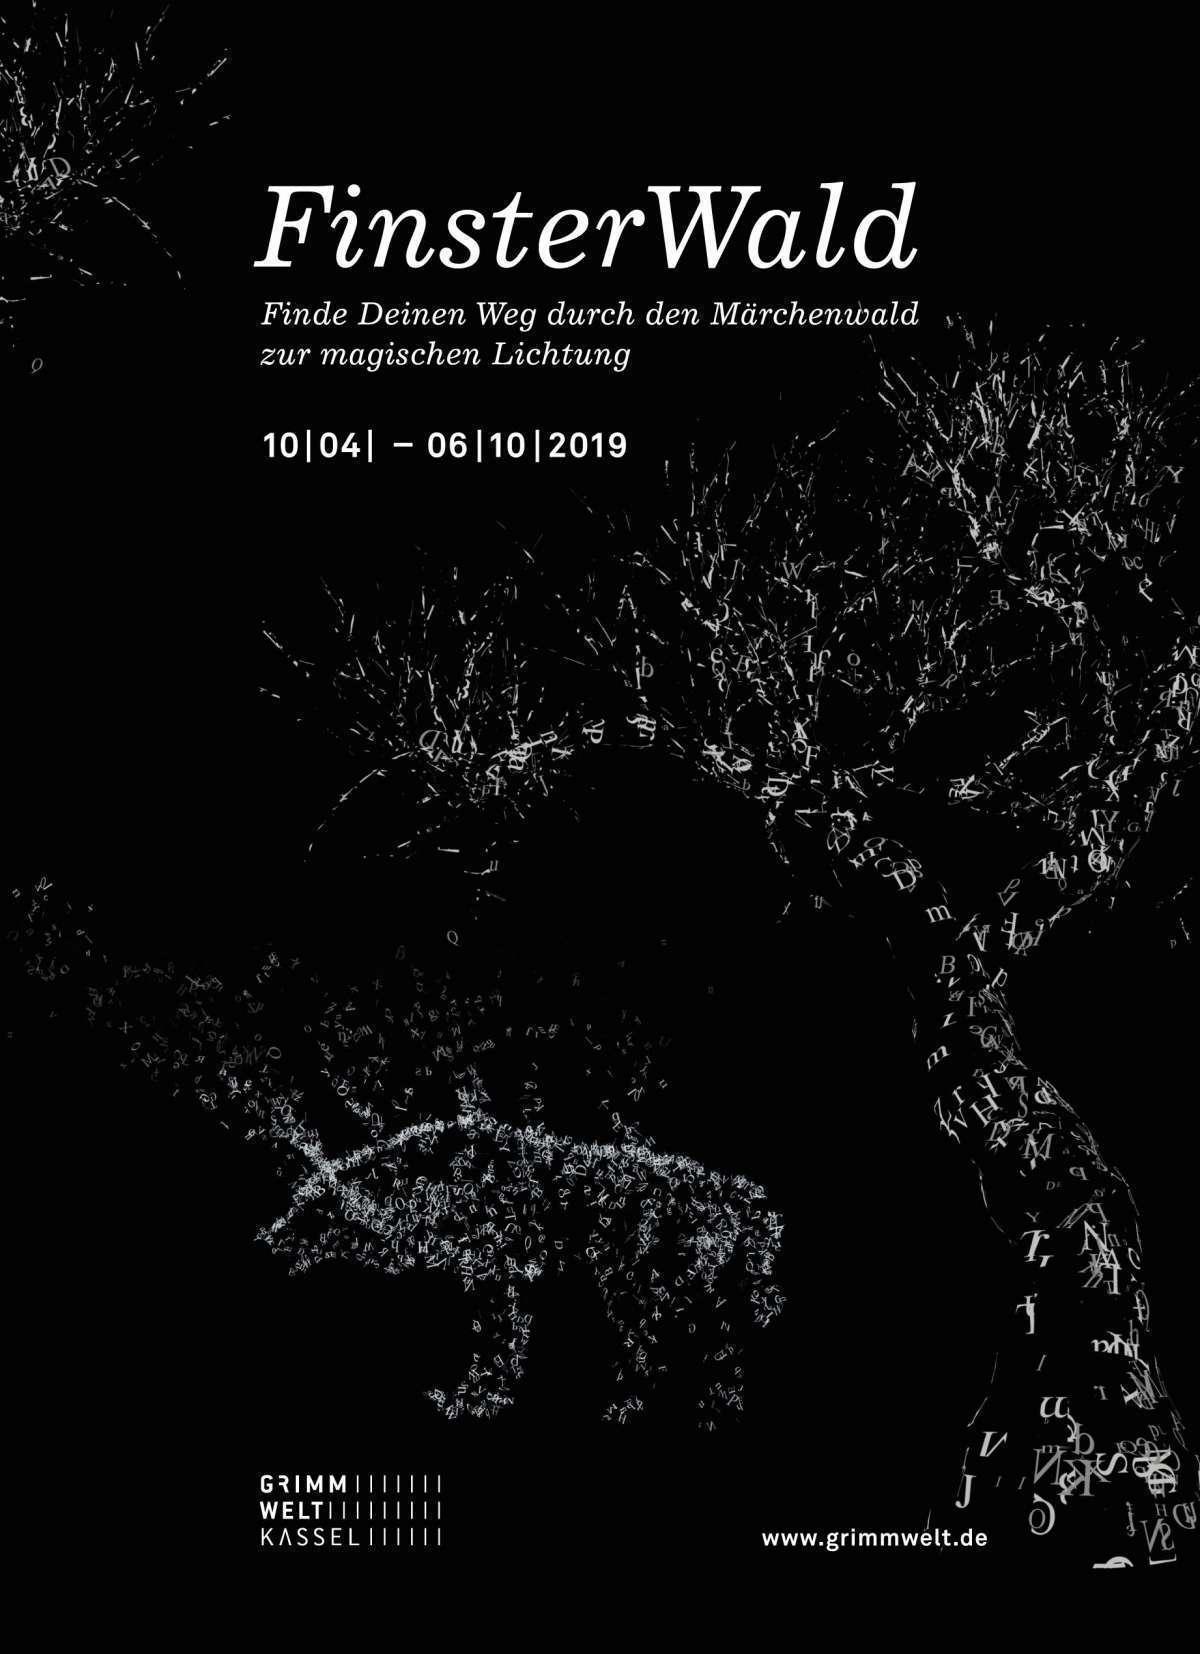 Veranstaltungen & Events am »Montag, 30. September 2019« in deiner Nähe...